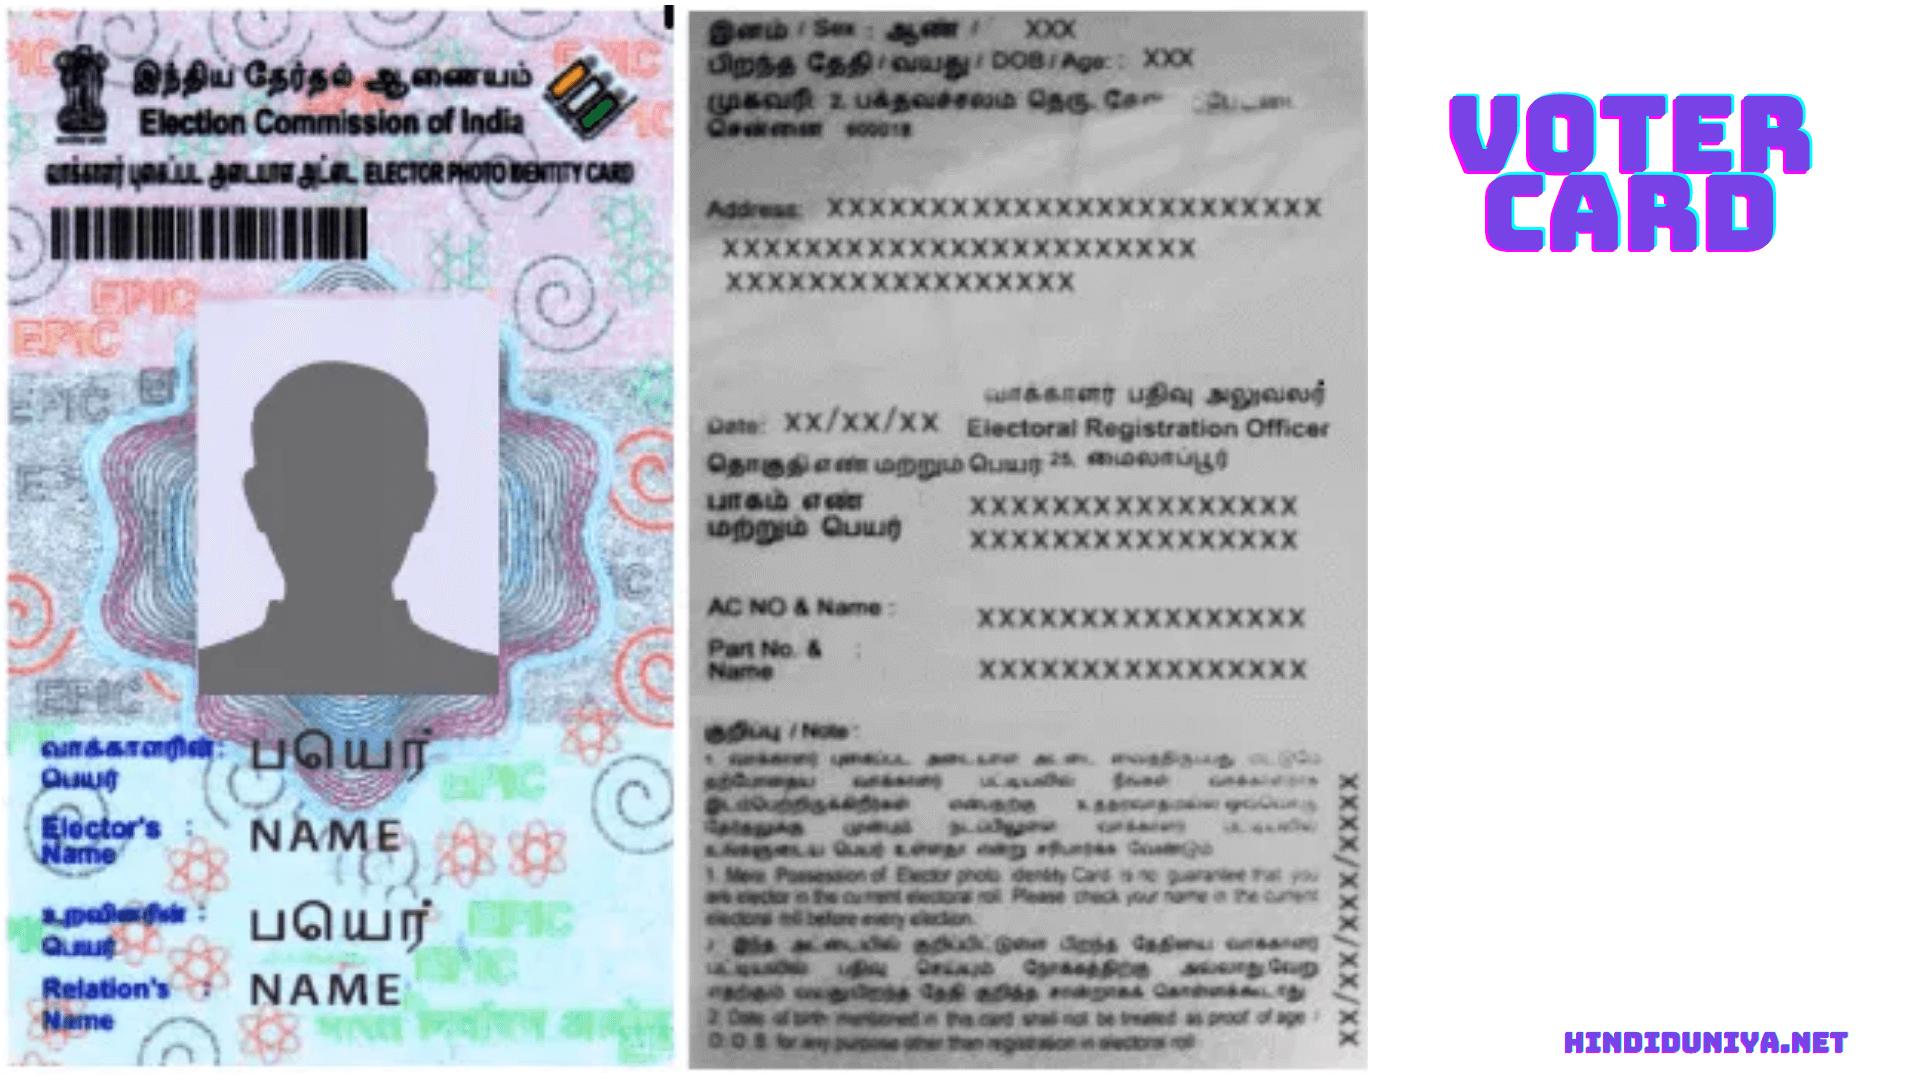 votercard kaise apply kare